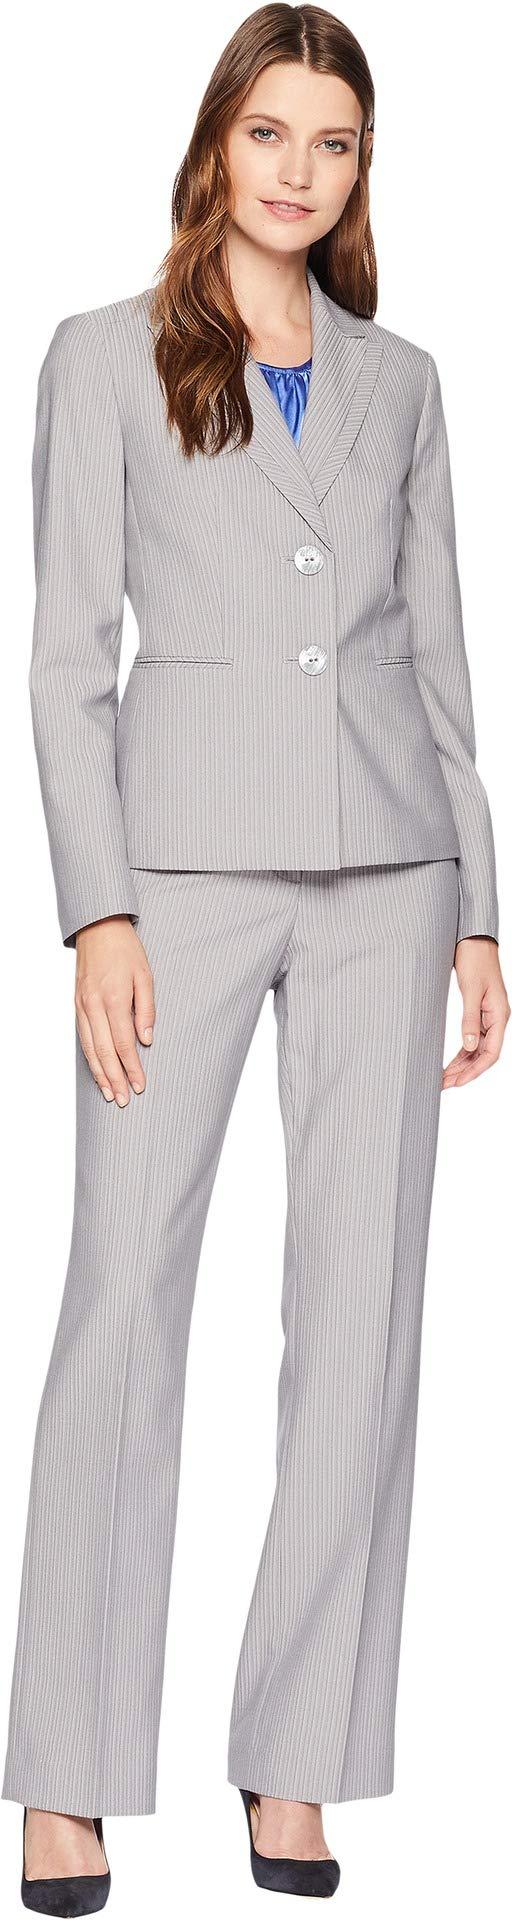 Le Suit Women's Pinstripe 2 Button Jacket Pant Suit, Slate/Bluebell, 12